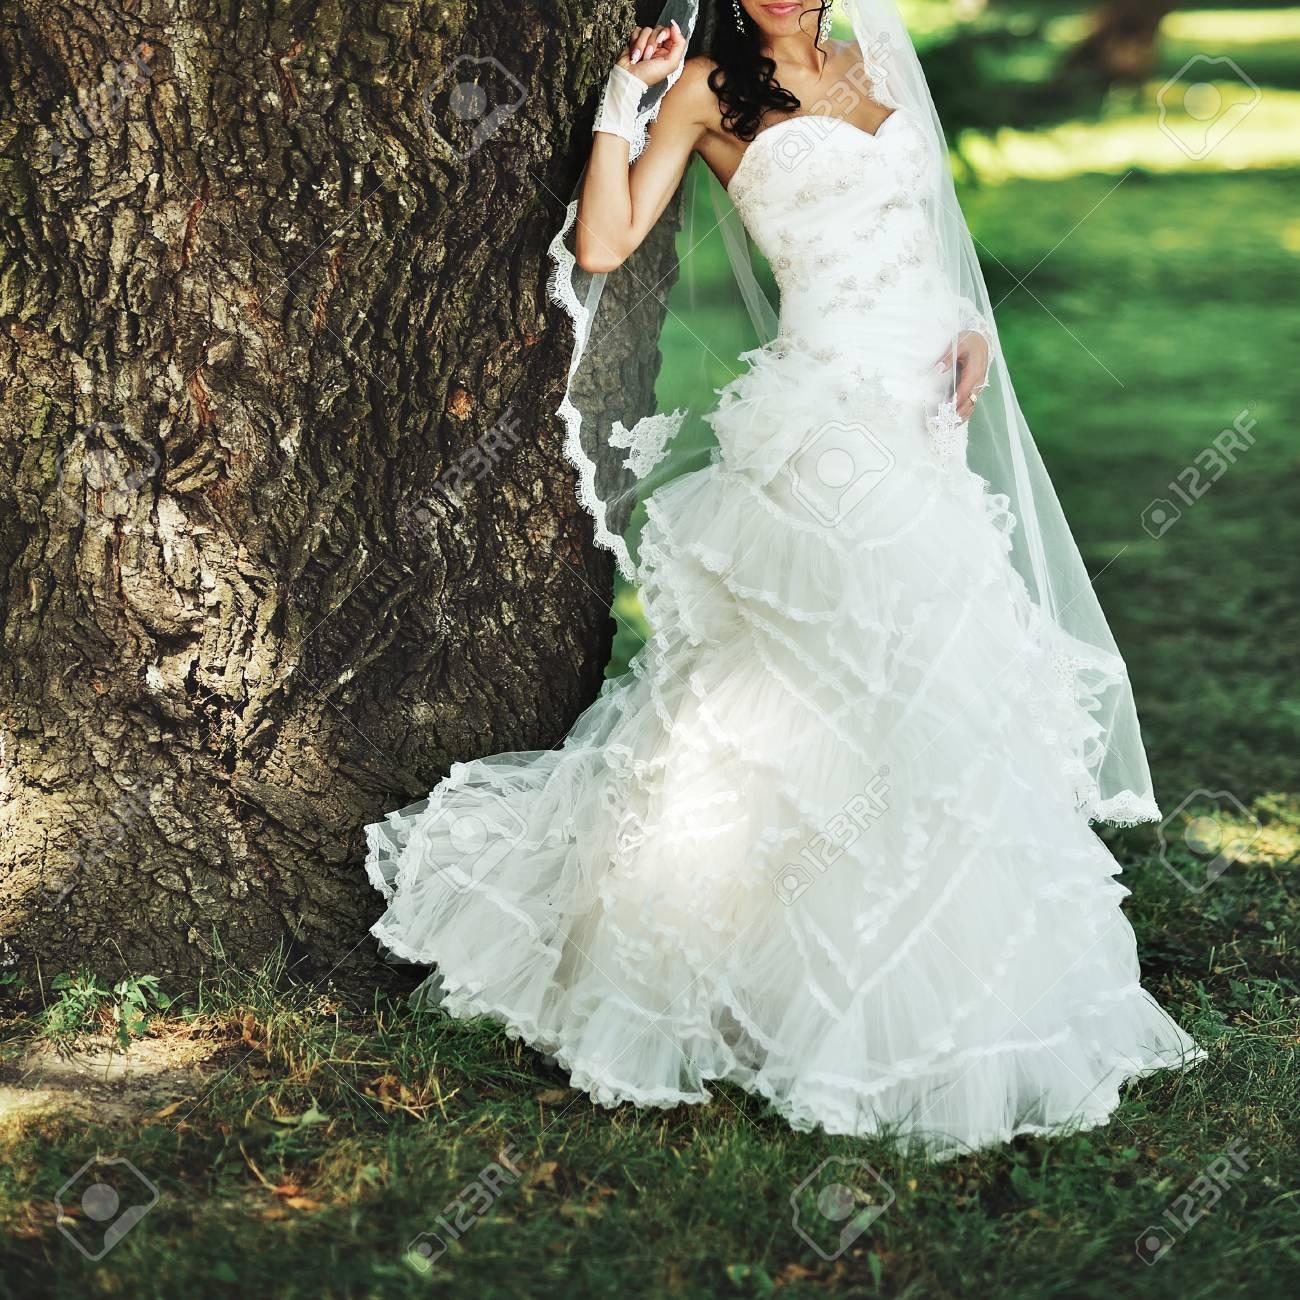 c4340799aa989 Art und Weise Brunette Braut trägt wunderschönen Kleid Hochzeit  Standard-Bild - 65985227